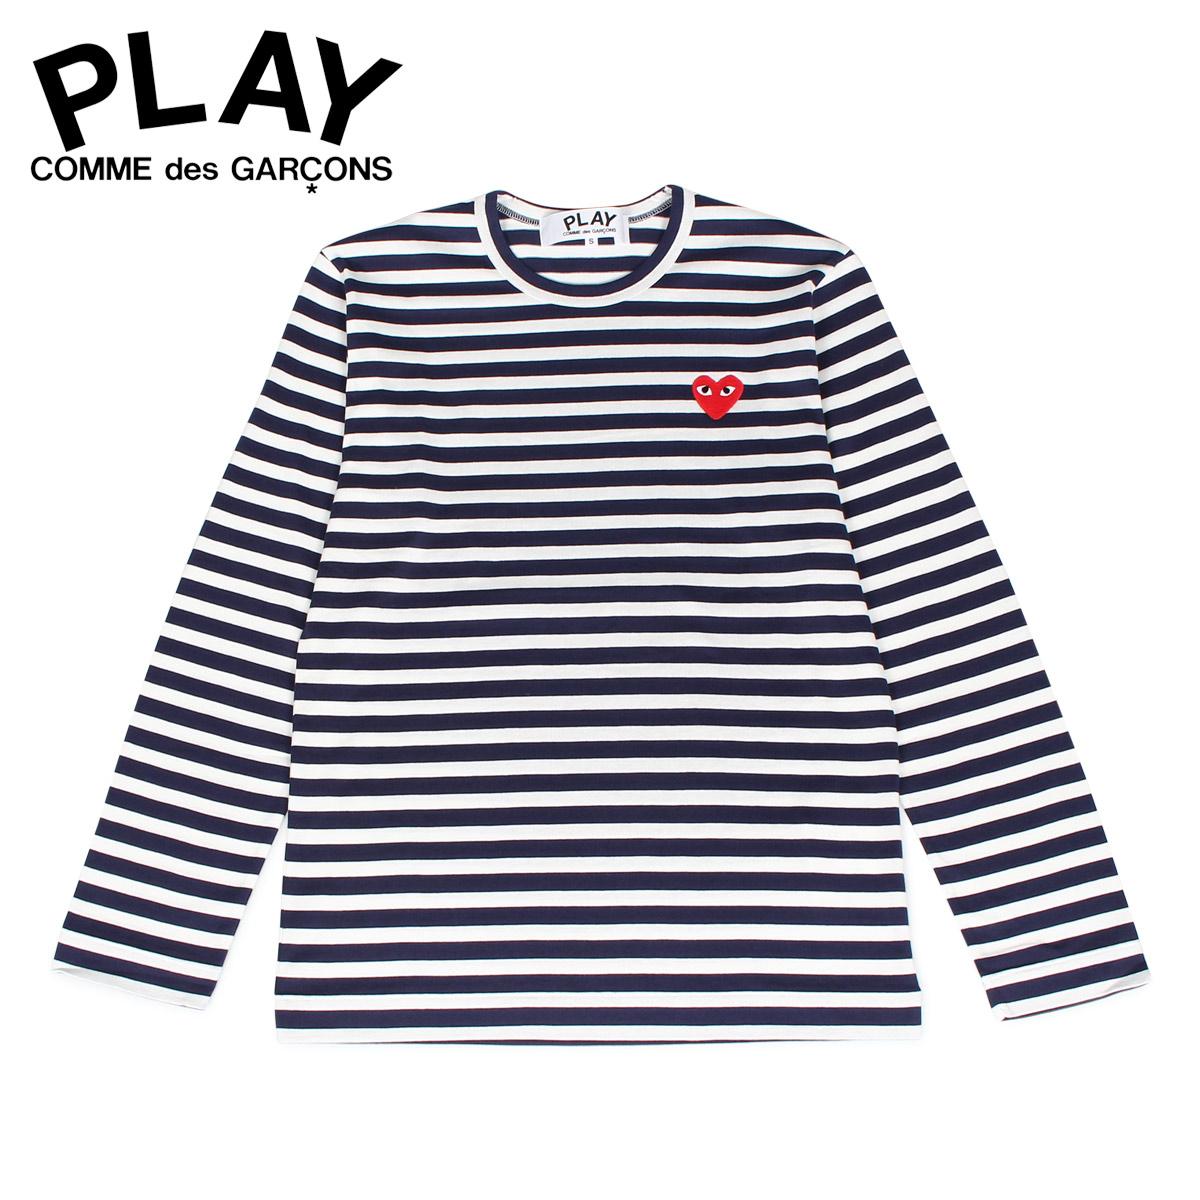 PLAY COMME des GARCONS プレイ コムデギャルソン Tシャツ 長袖 カットソー メンズ ボーダー STRIPE TEE ネイビー T0100511